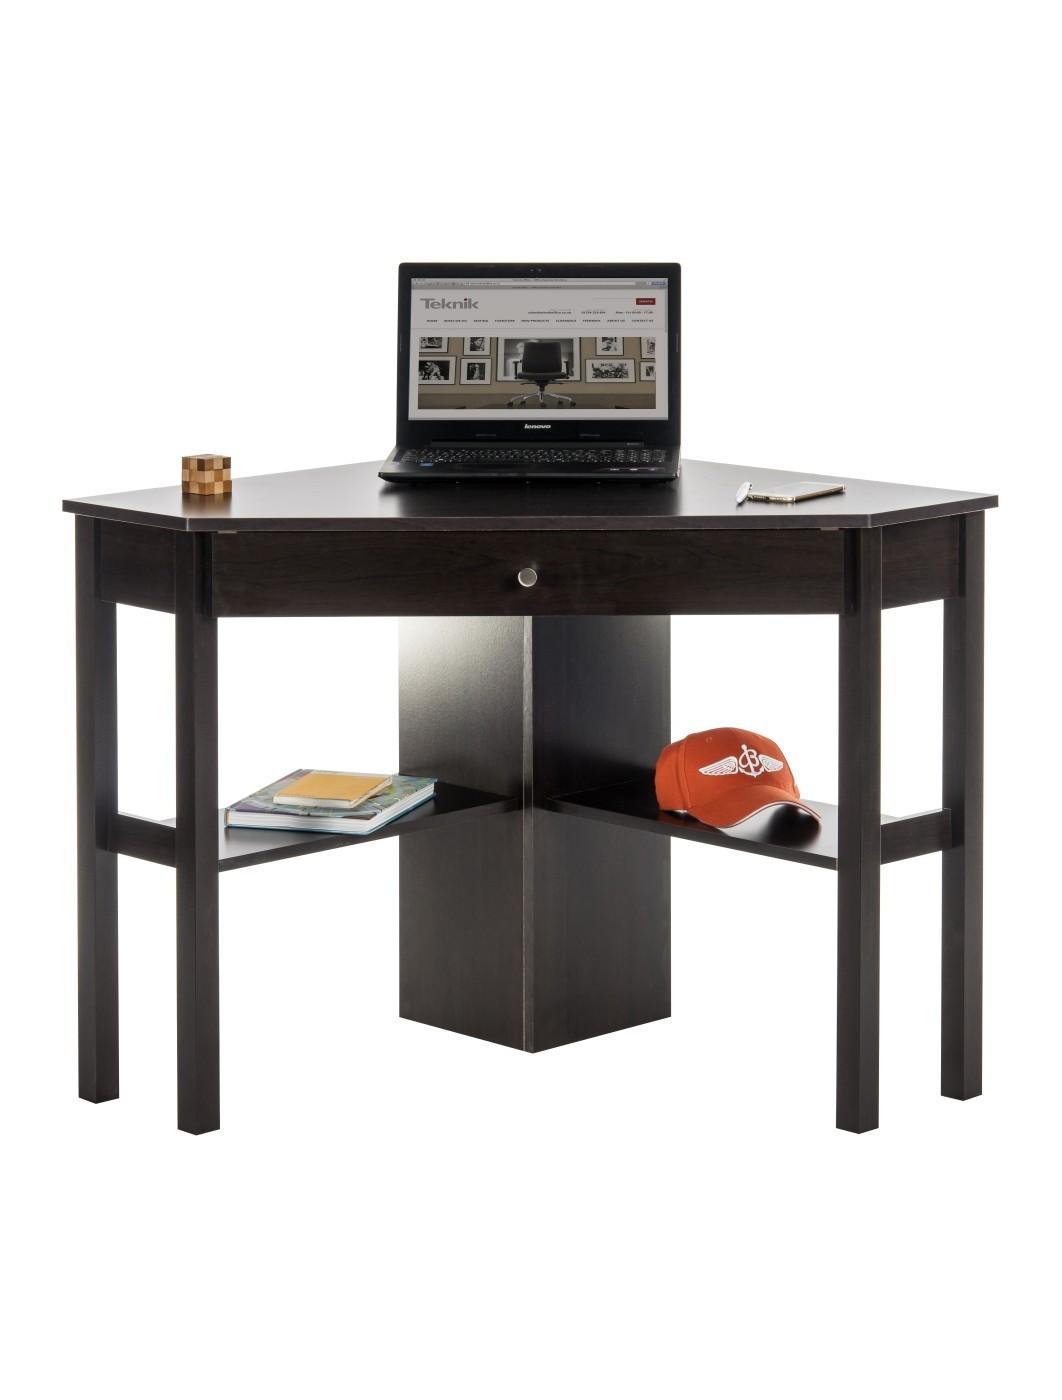 Home Office Furniture Uk Desk Set 18: Teknik Corner Computer Desk 5412314